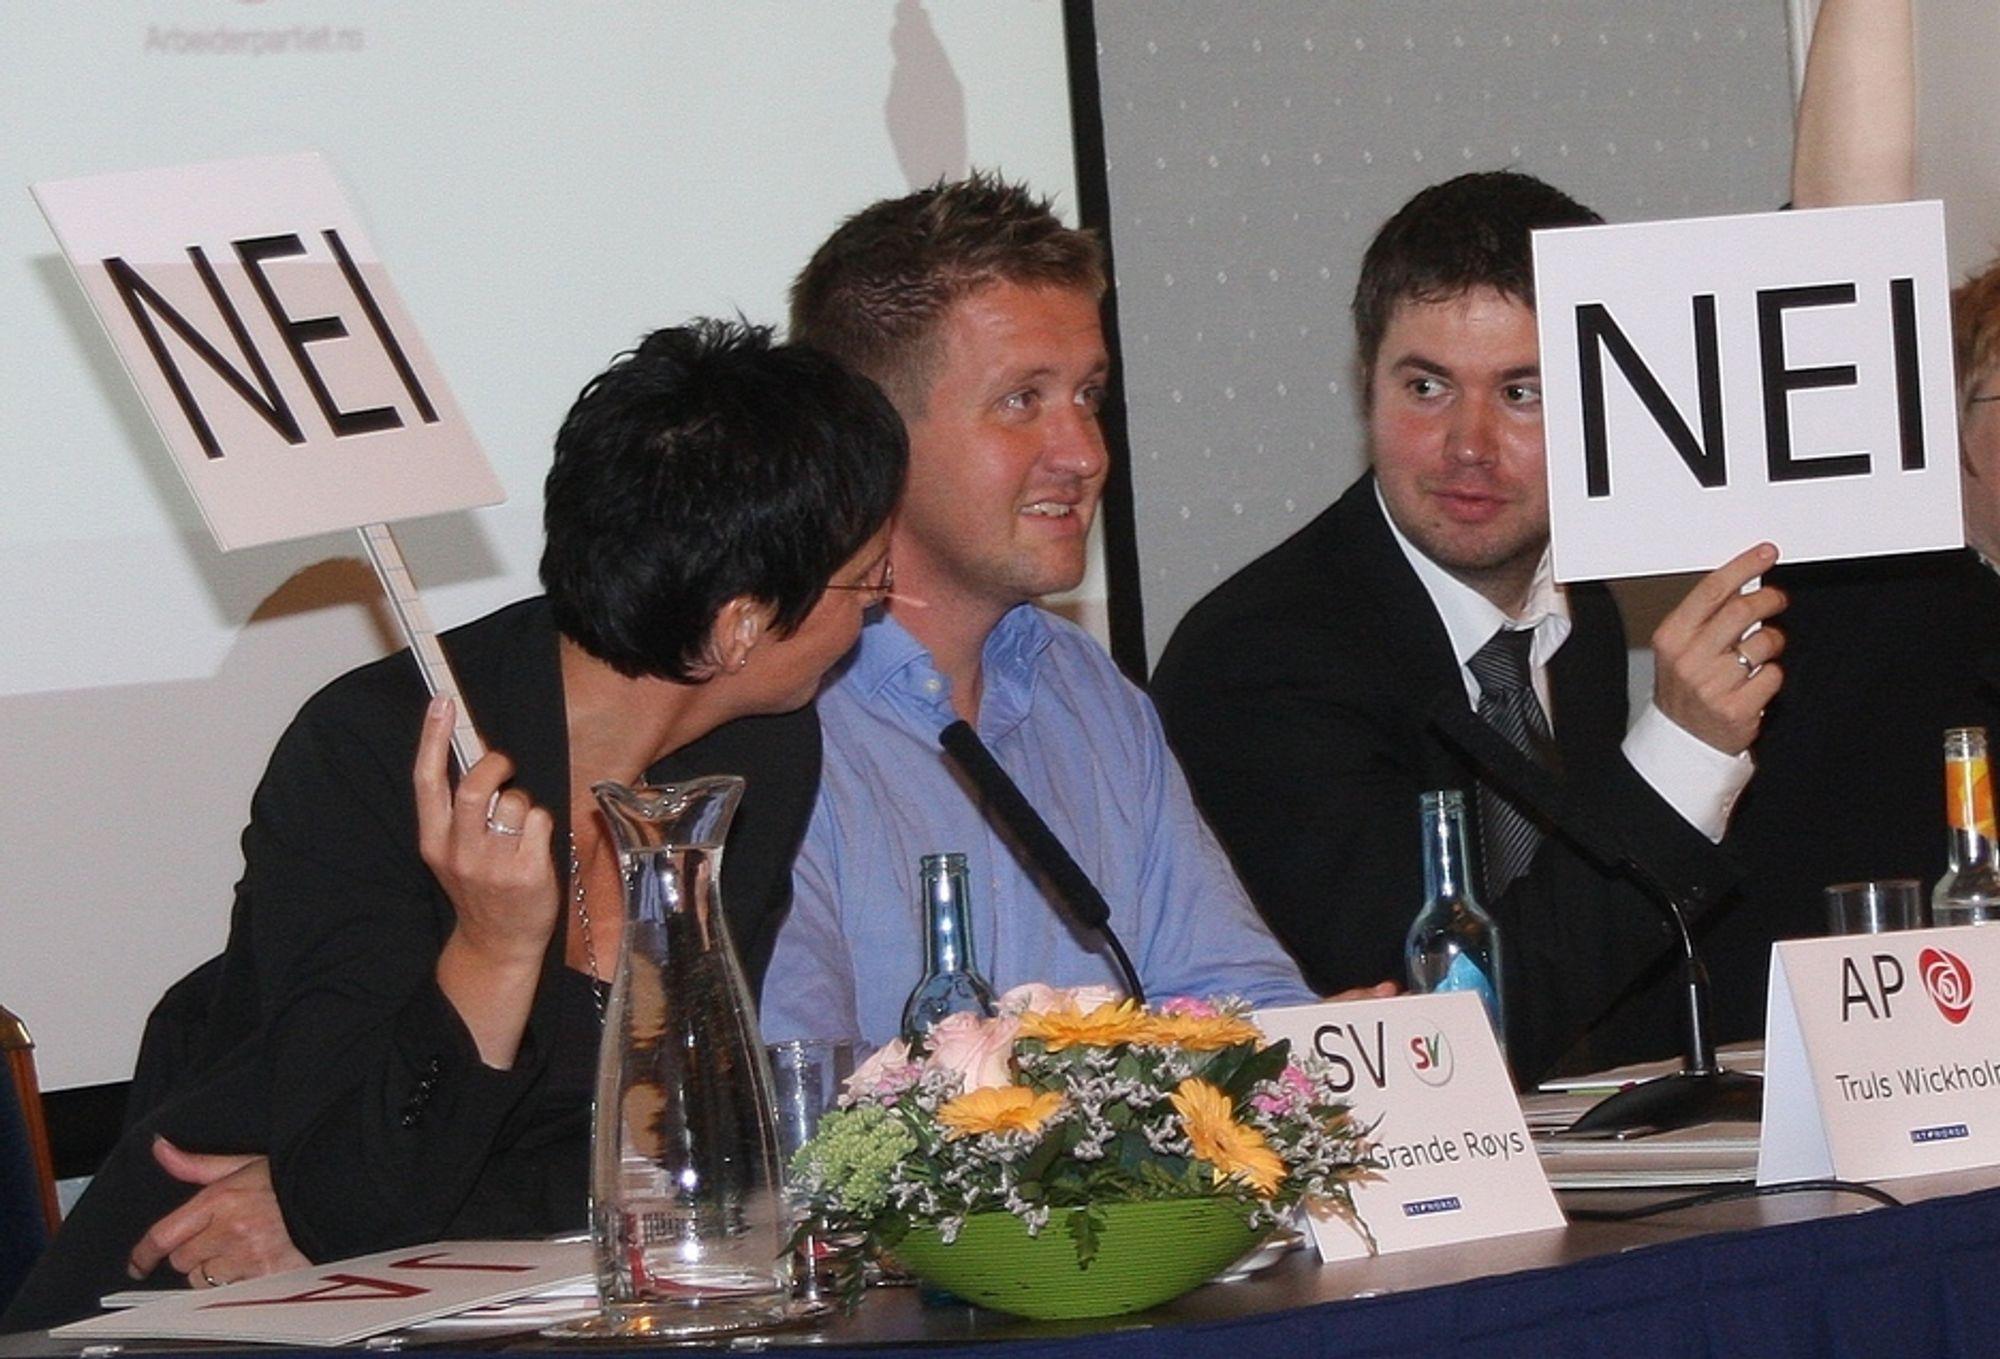 TAUS. Truls Wickholm fra Ap (i midten) var tilbakeholden i spørsmålet om EUs datalagringsdirektiv på IKT Norges IT-politiske valgdebatt, mens regjeringspartikollegene fornyingsminister Heidi Grande Røys (SV) og Geir Pollestad (Sp) tonet flagg.